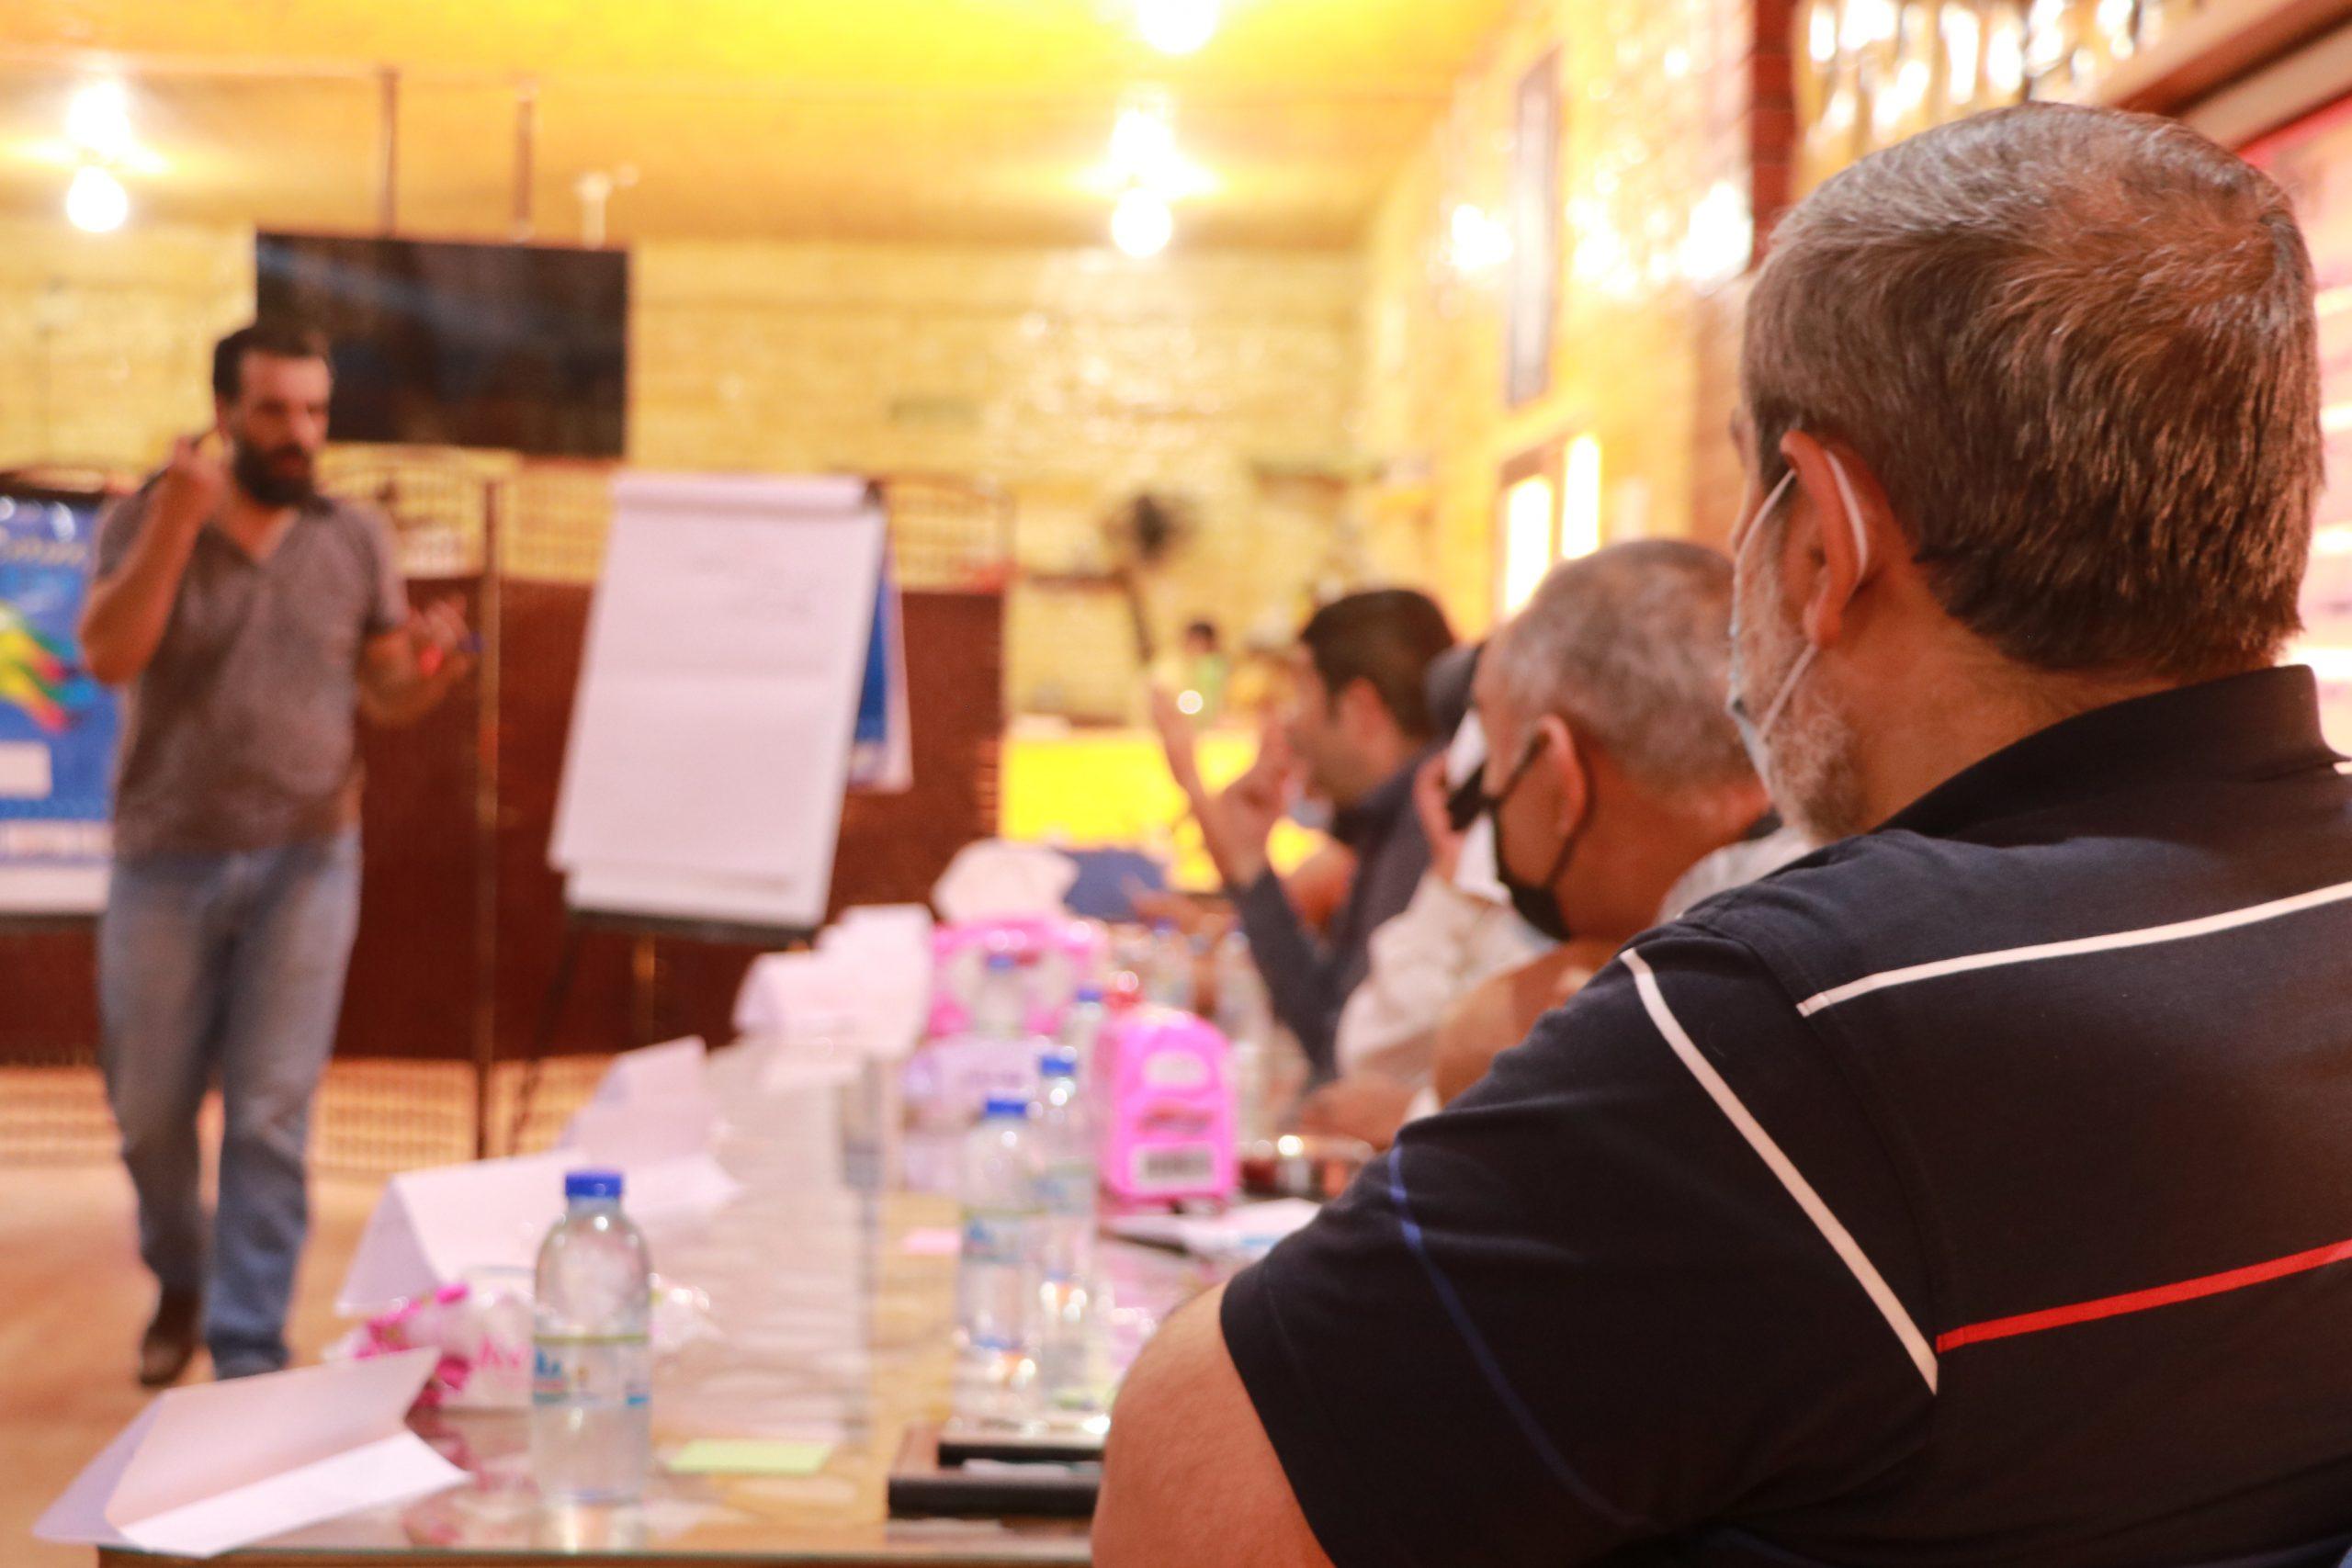 جلسات حوارية – تعاطي المخدرات في المجتمعات المحلية